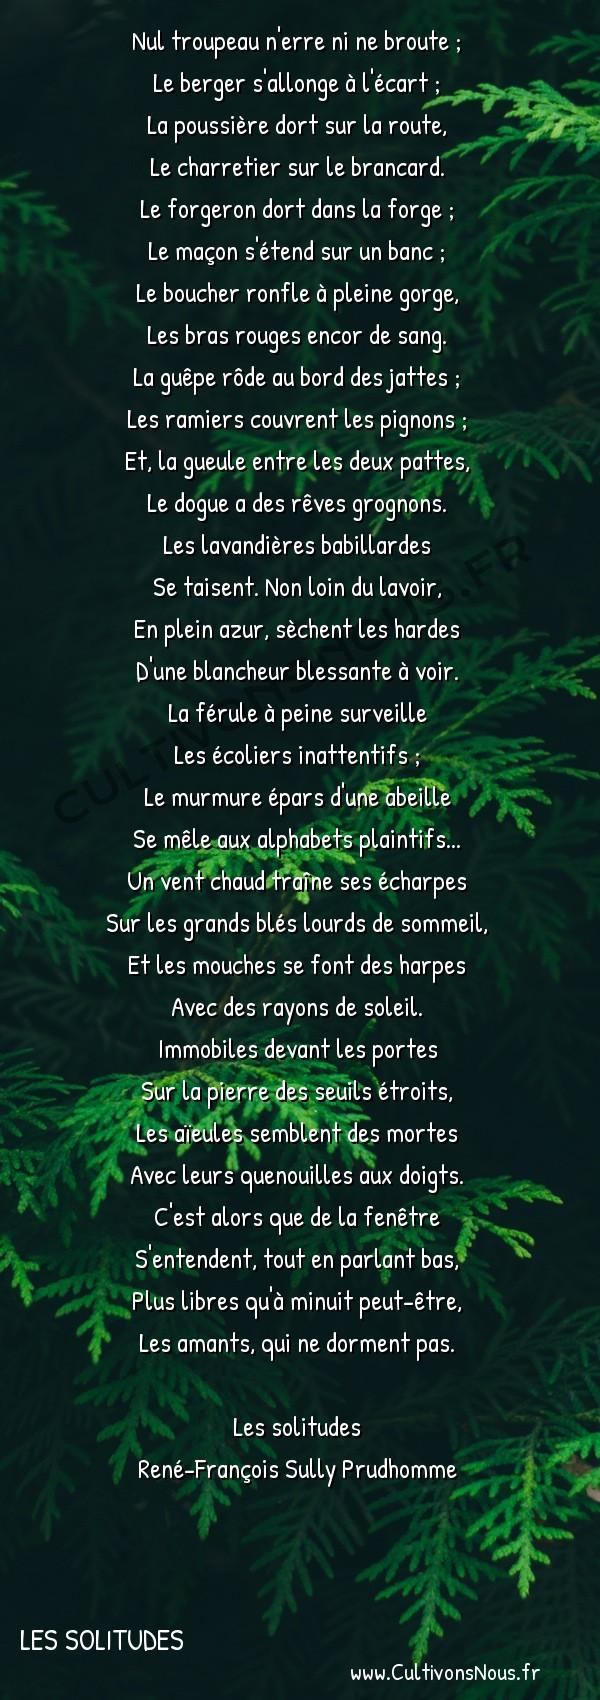 Poésie René-François Sully Prudhomme - Les solitudes - Midi au village -  Nul troupeau n'erre ni ne broute ; Le berger s'allonge à l'écart ;